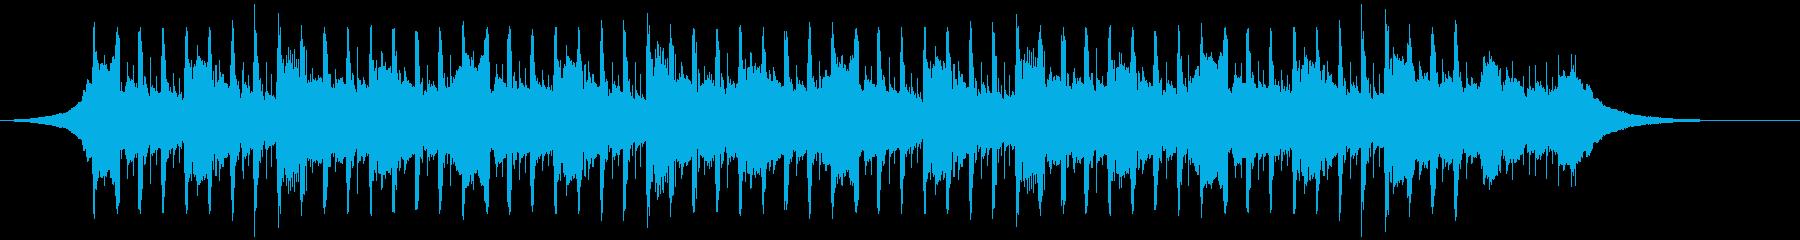 穏やかな企業(40秒)の再生済みの波形